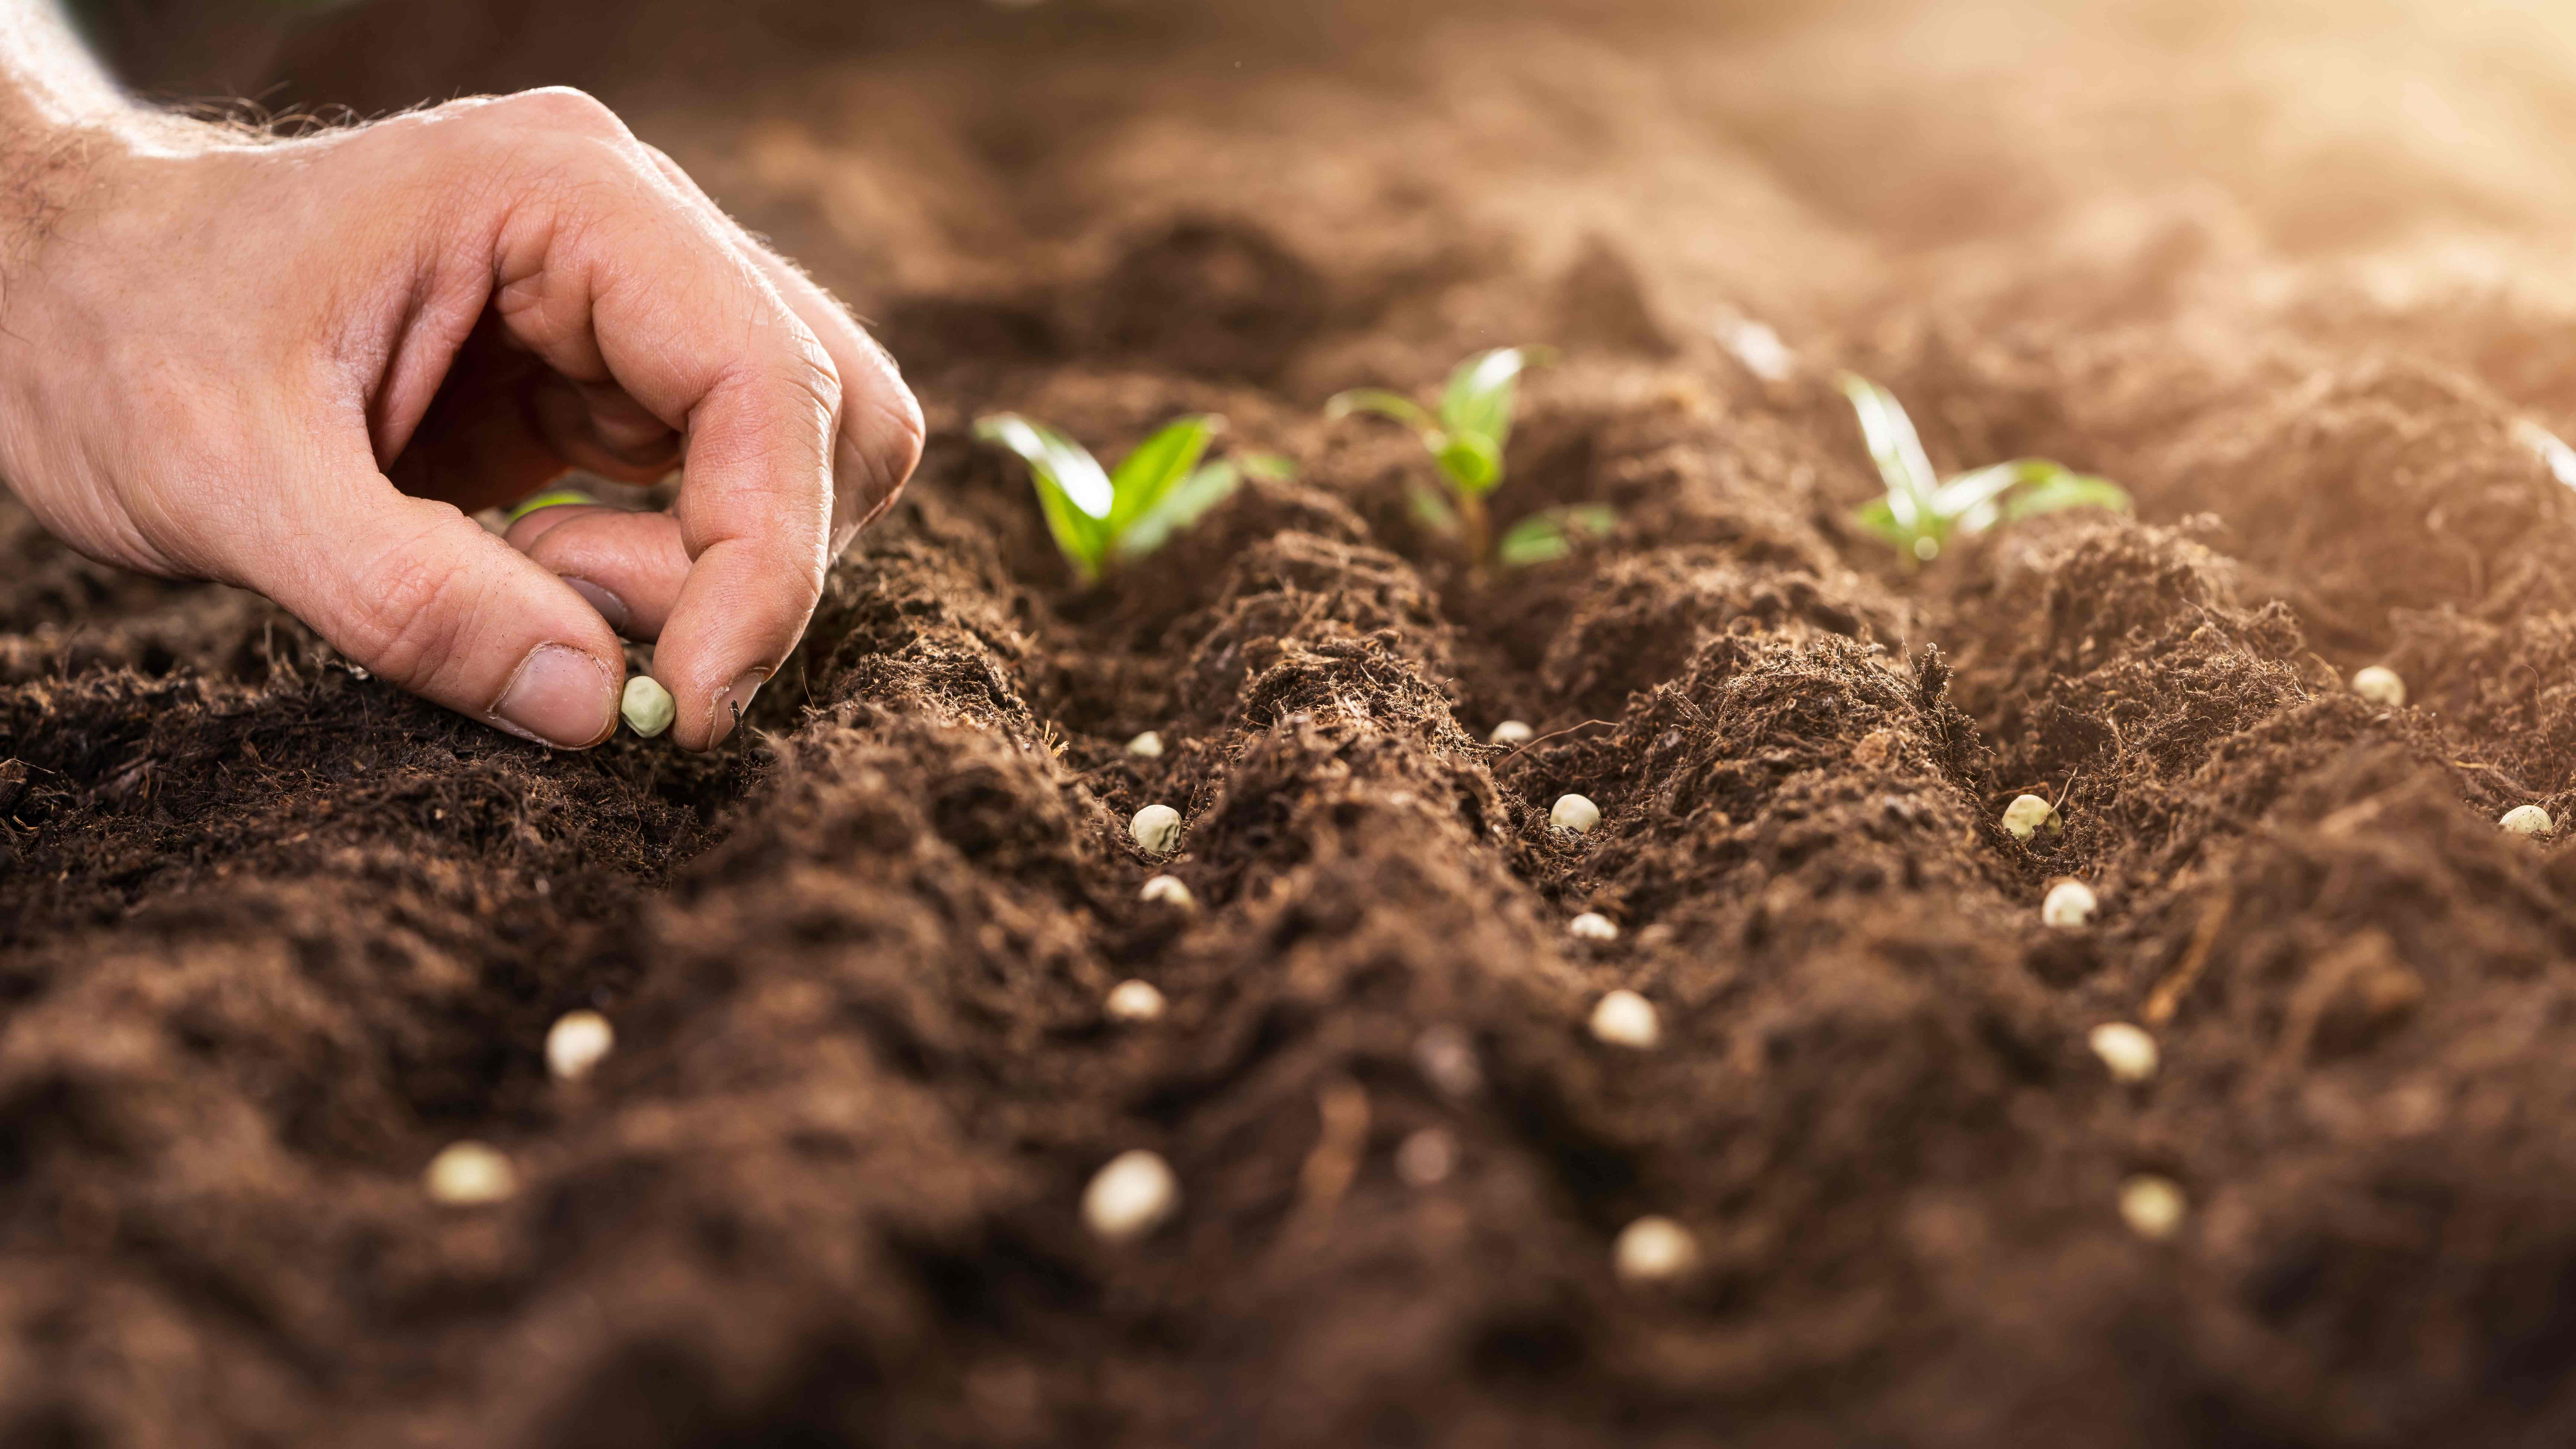 How to Prepare Seedlings